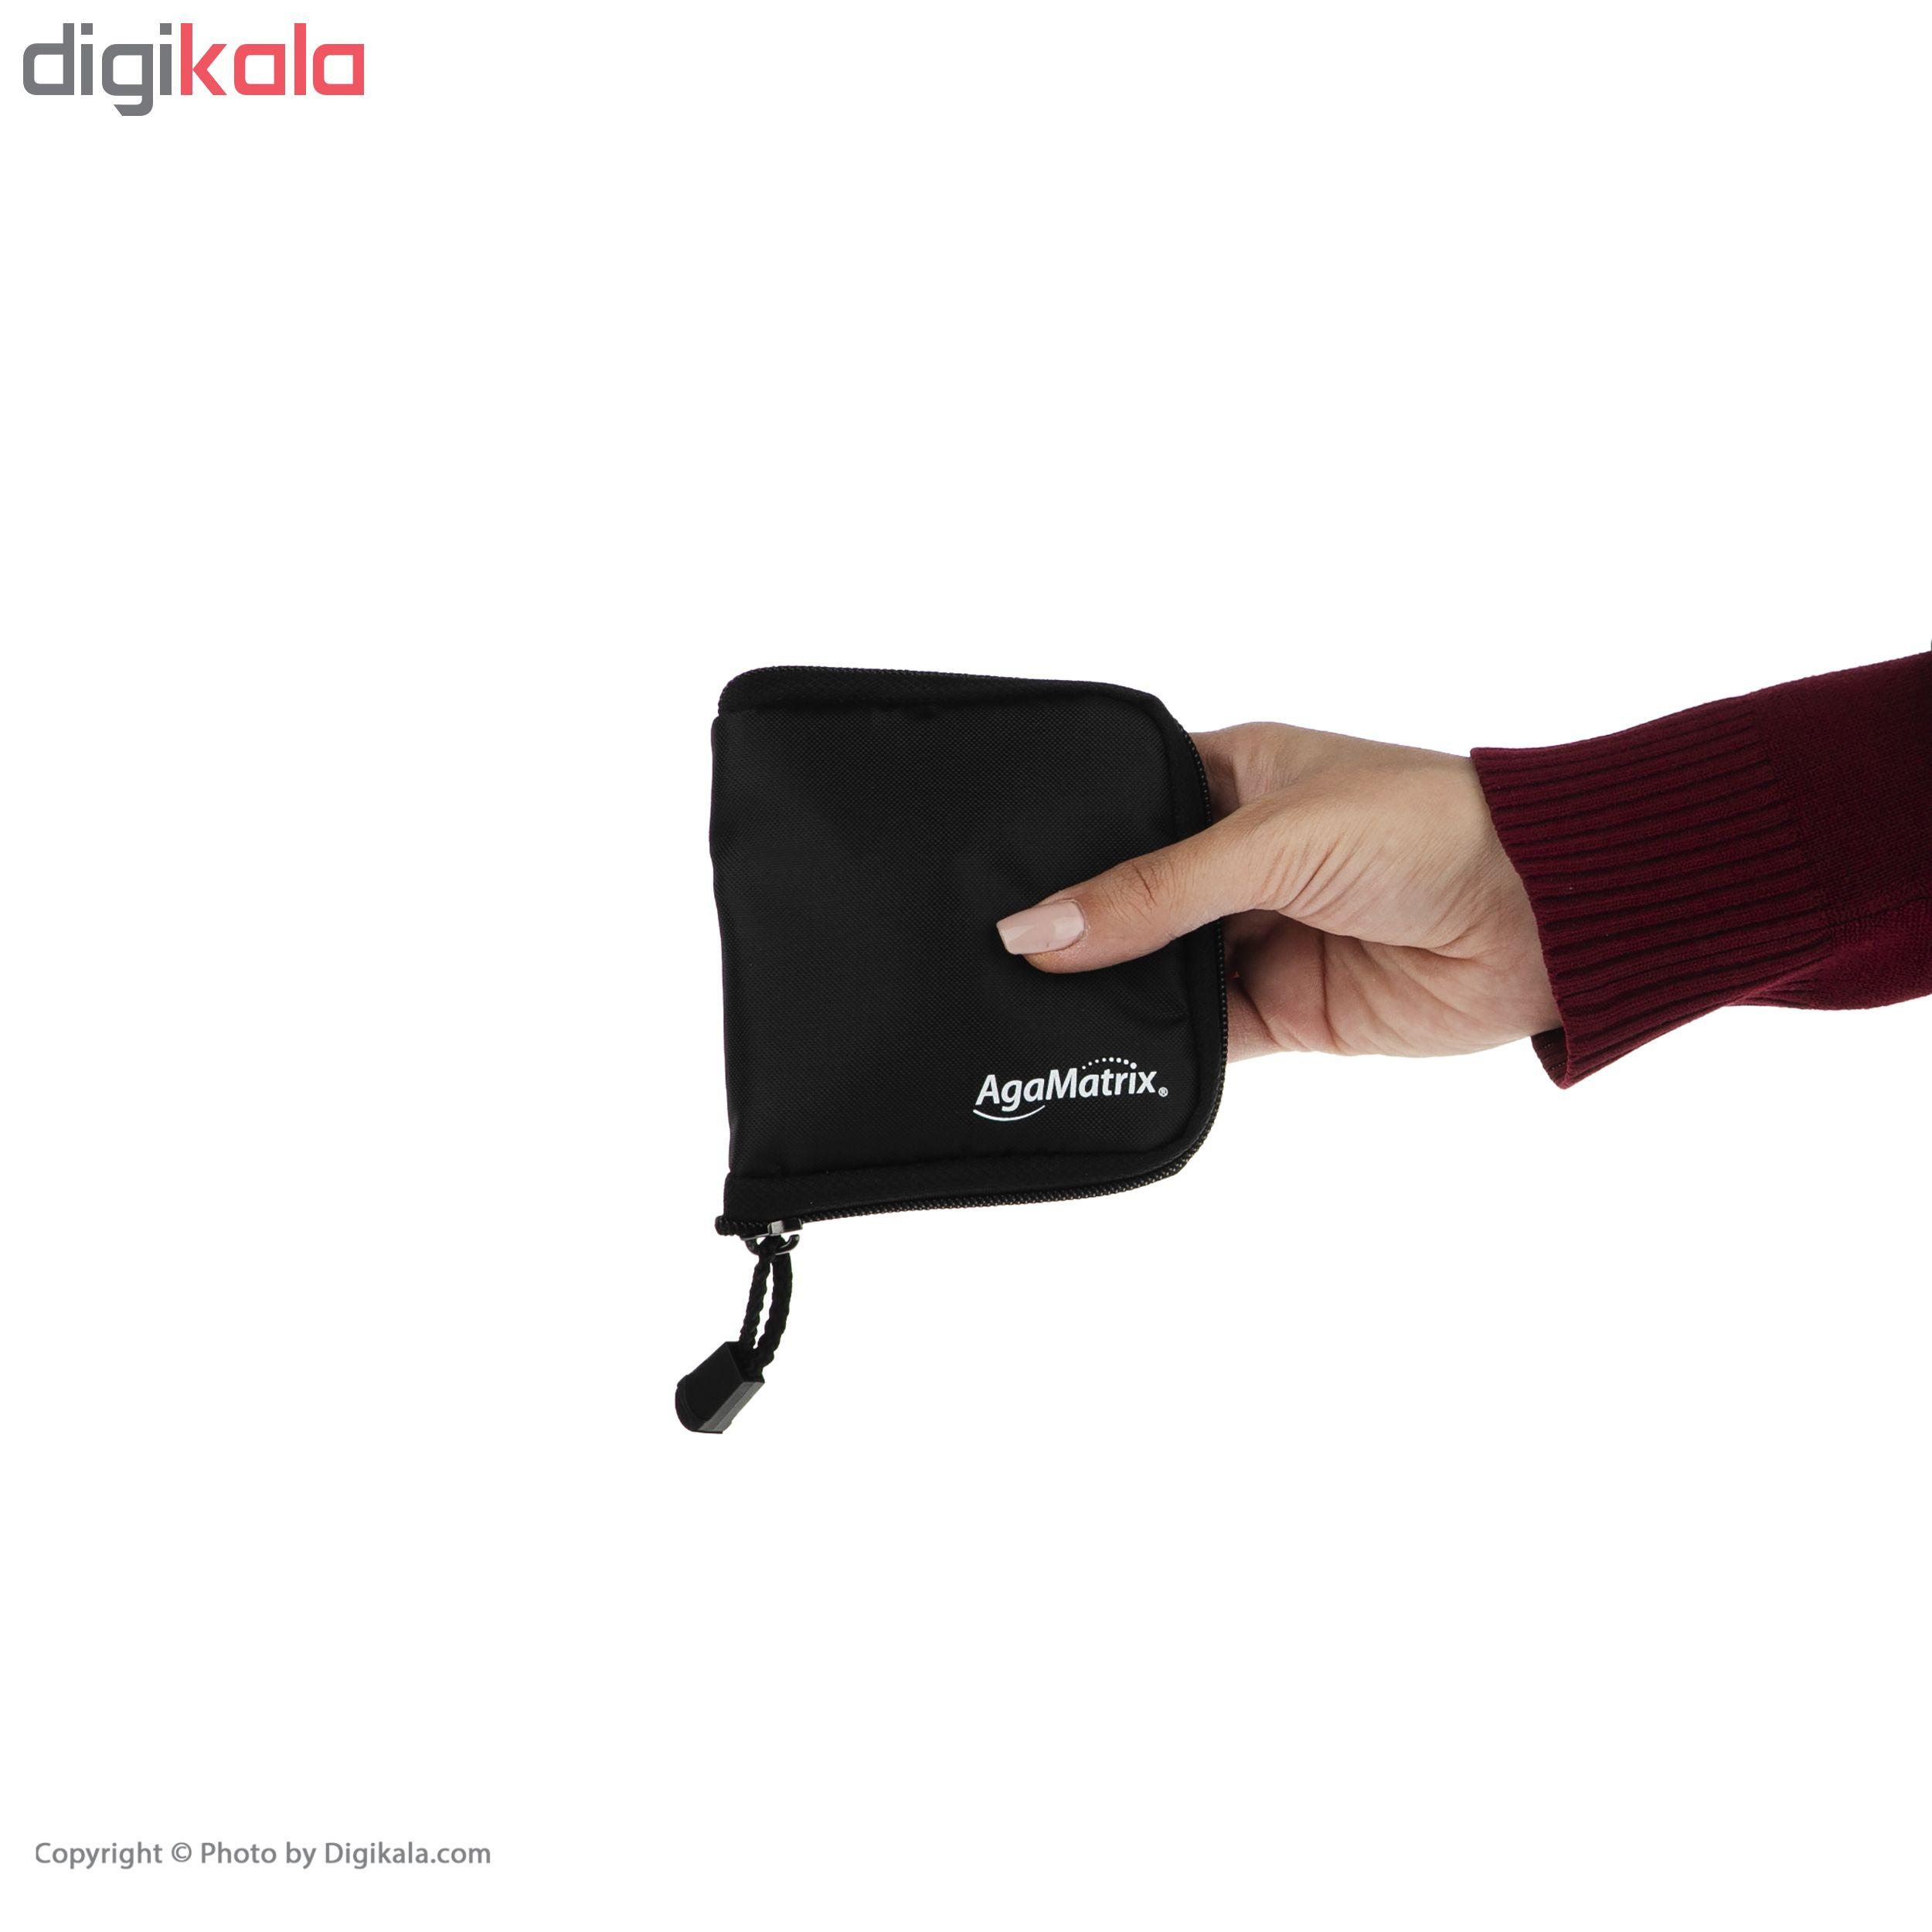 دستگاه تست قند خون آگاماتریکس مدل AgaMatrix Jazz Wireless 2 به همراه نوار تست قند خون بسته 50 عددی